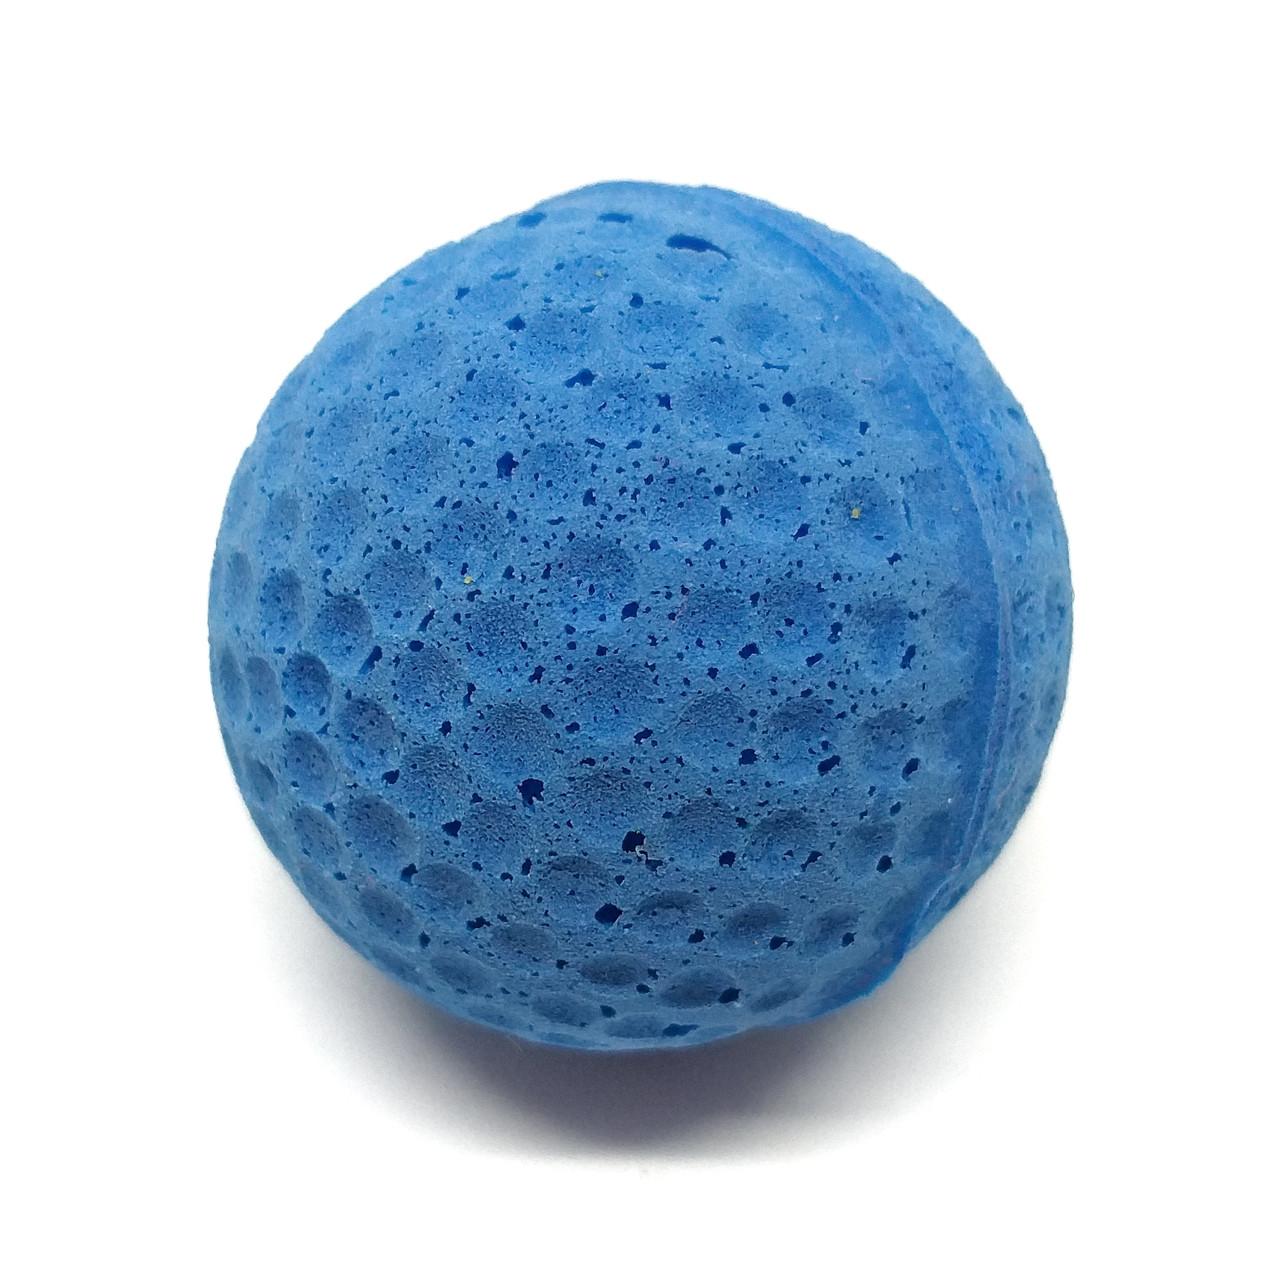 Игрушка для кошек Мячик Zizi синий 4 см